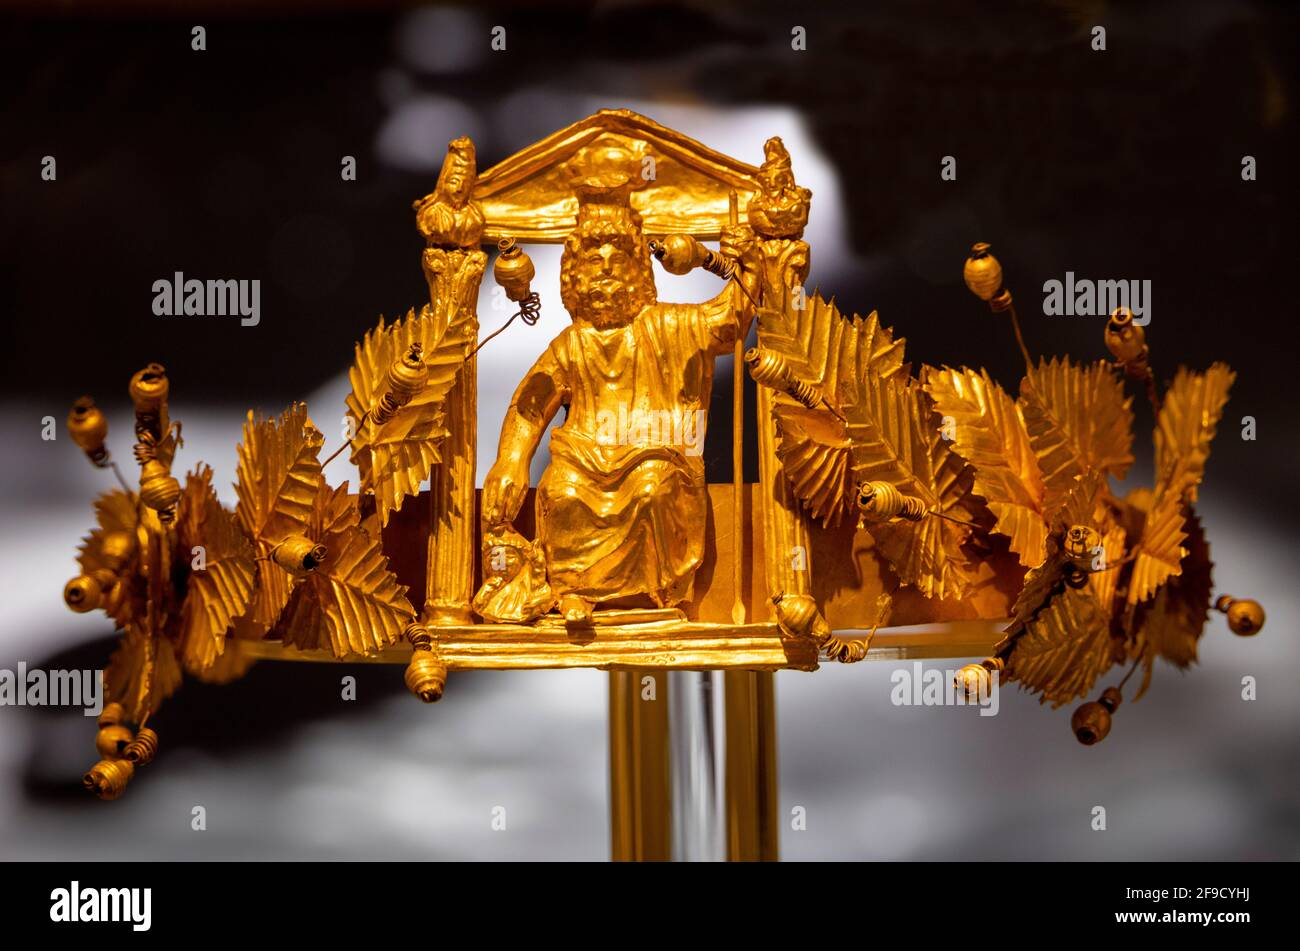 Diadema dorada, el tesoro Douche (Dush), Museo Nacional de la Civilización Egipcia, El Cairo, Egipto Foto de stock